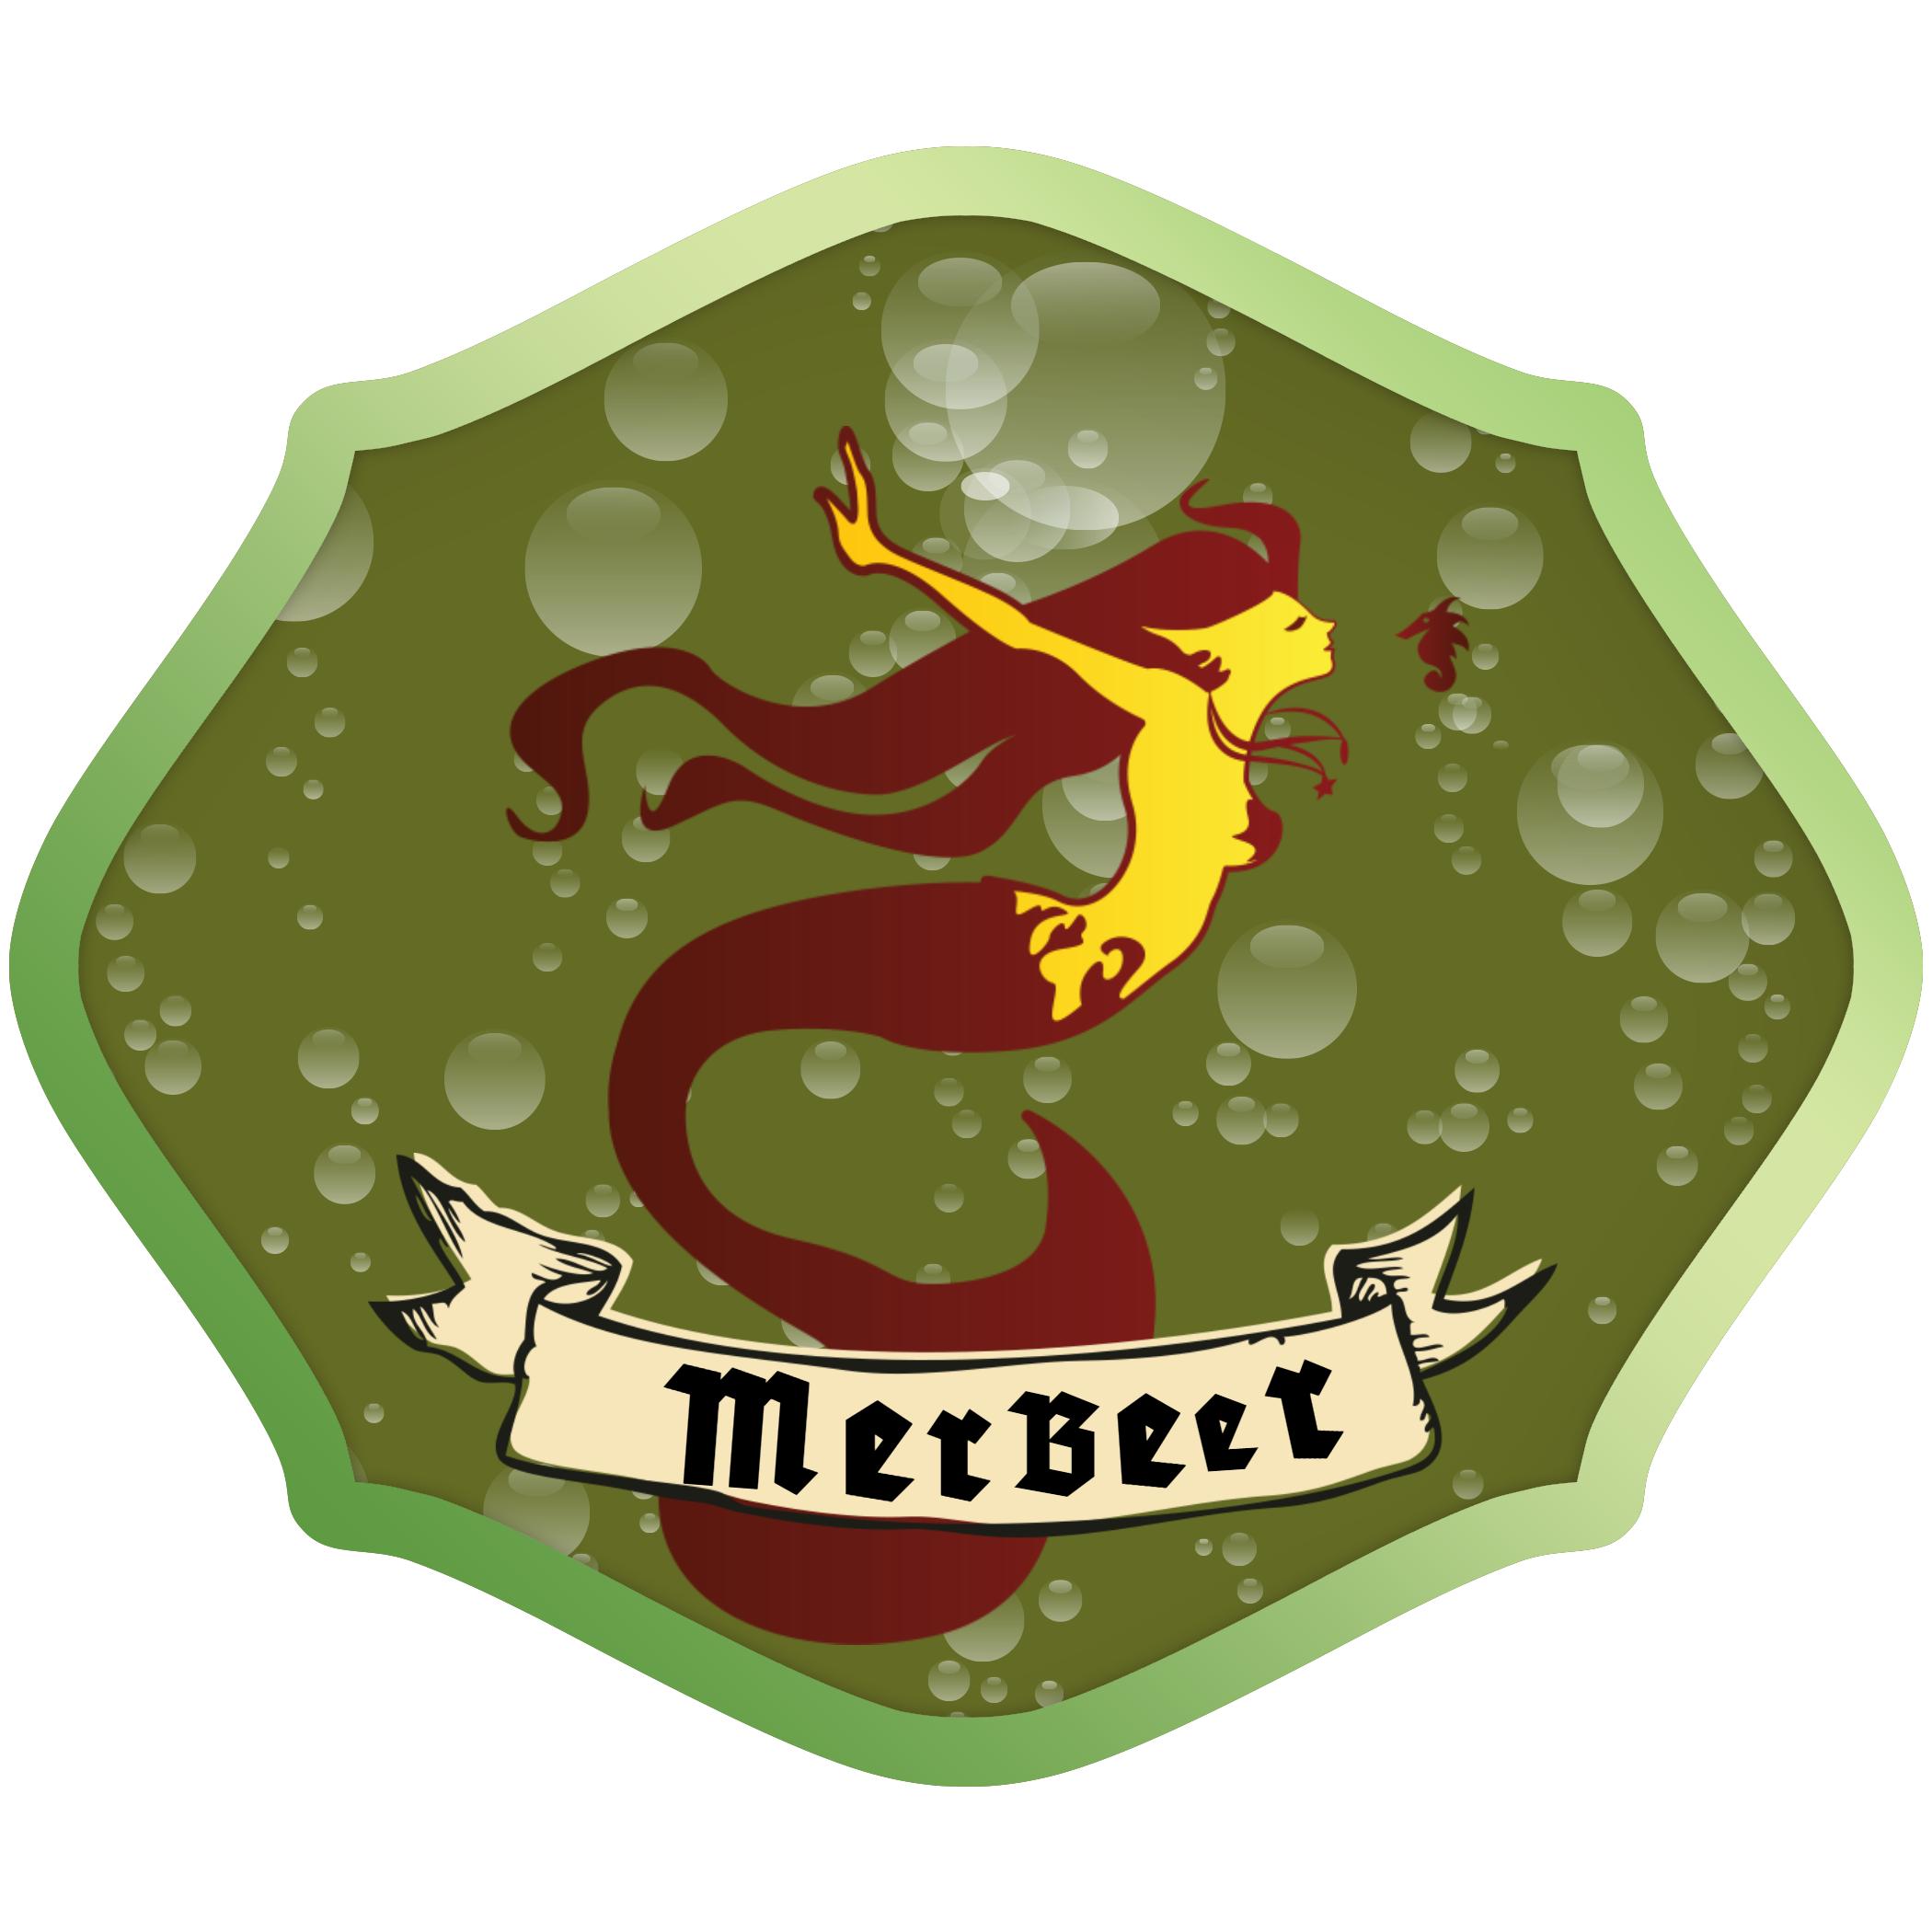 Homebrew Beer Label